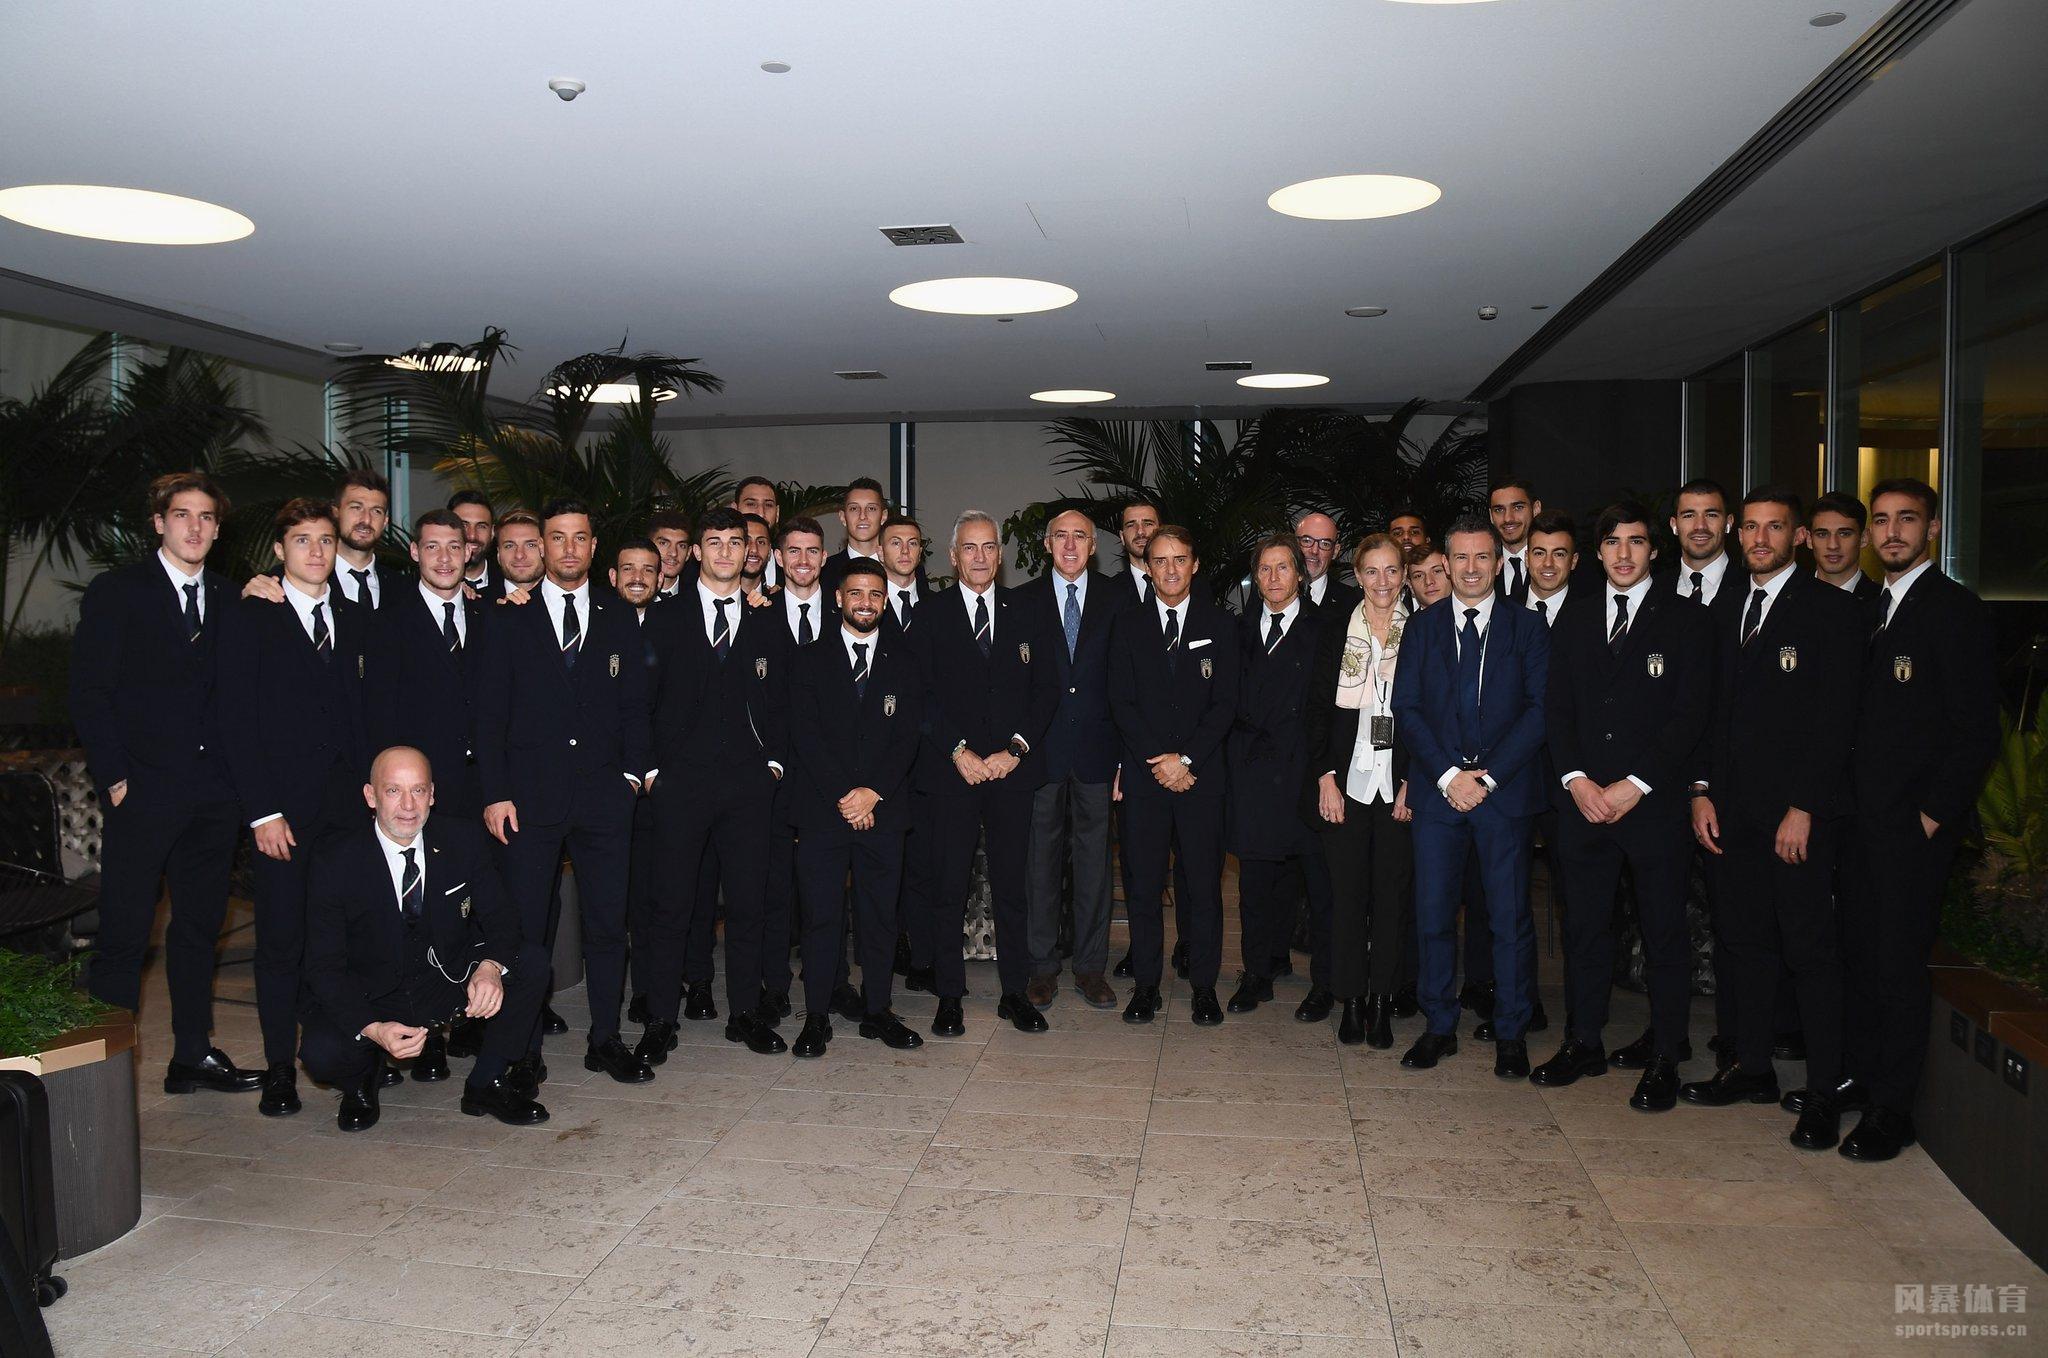 欧洲杯预选赛 意大利9-1亚美尼亚全胜收官